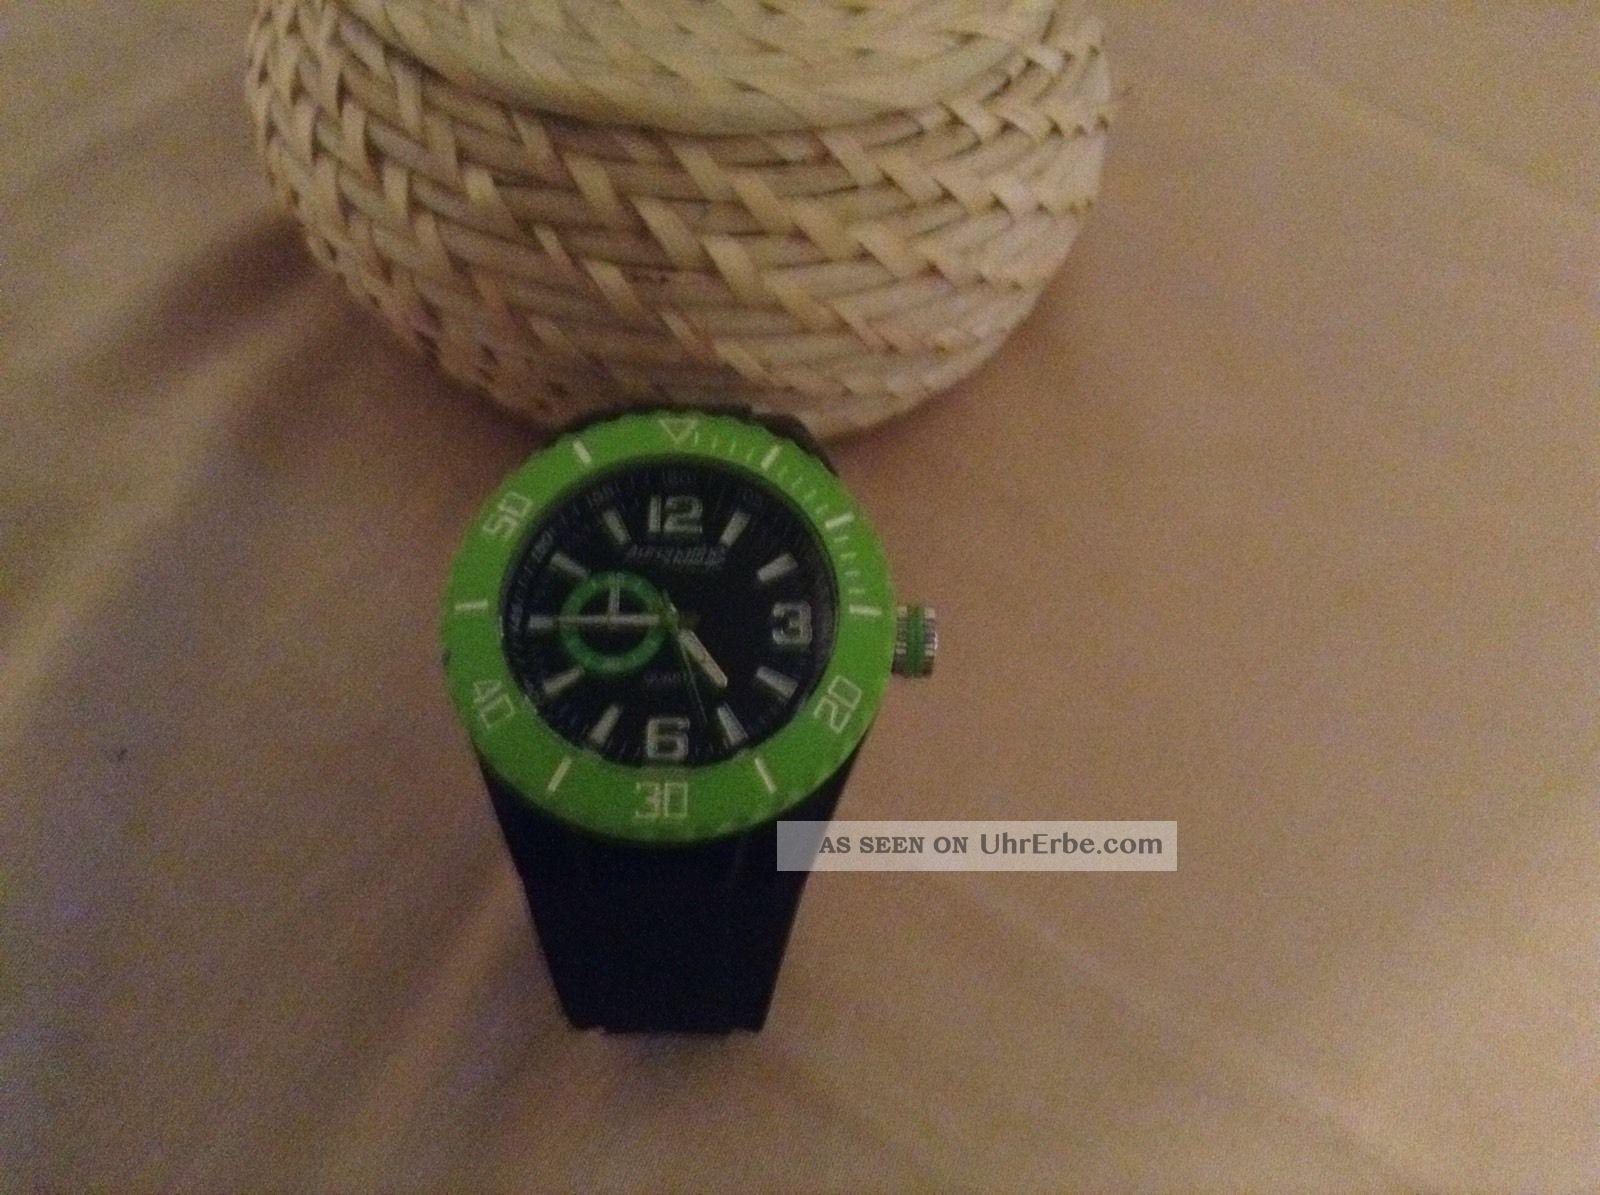 Uhr Von Freestyle Adrenaline Quarz Schwarz Grün Armbanduhren Bild